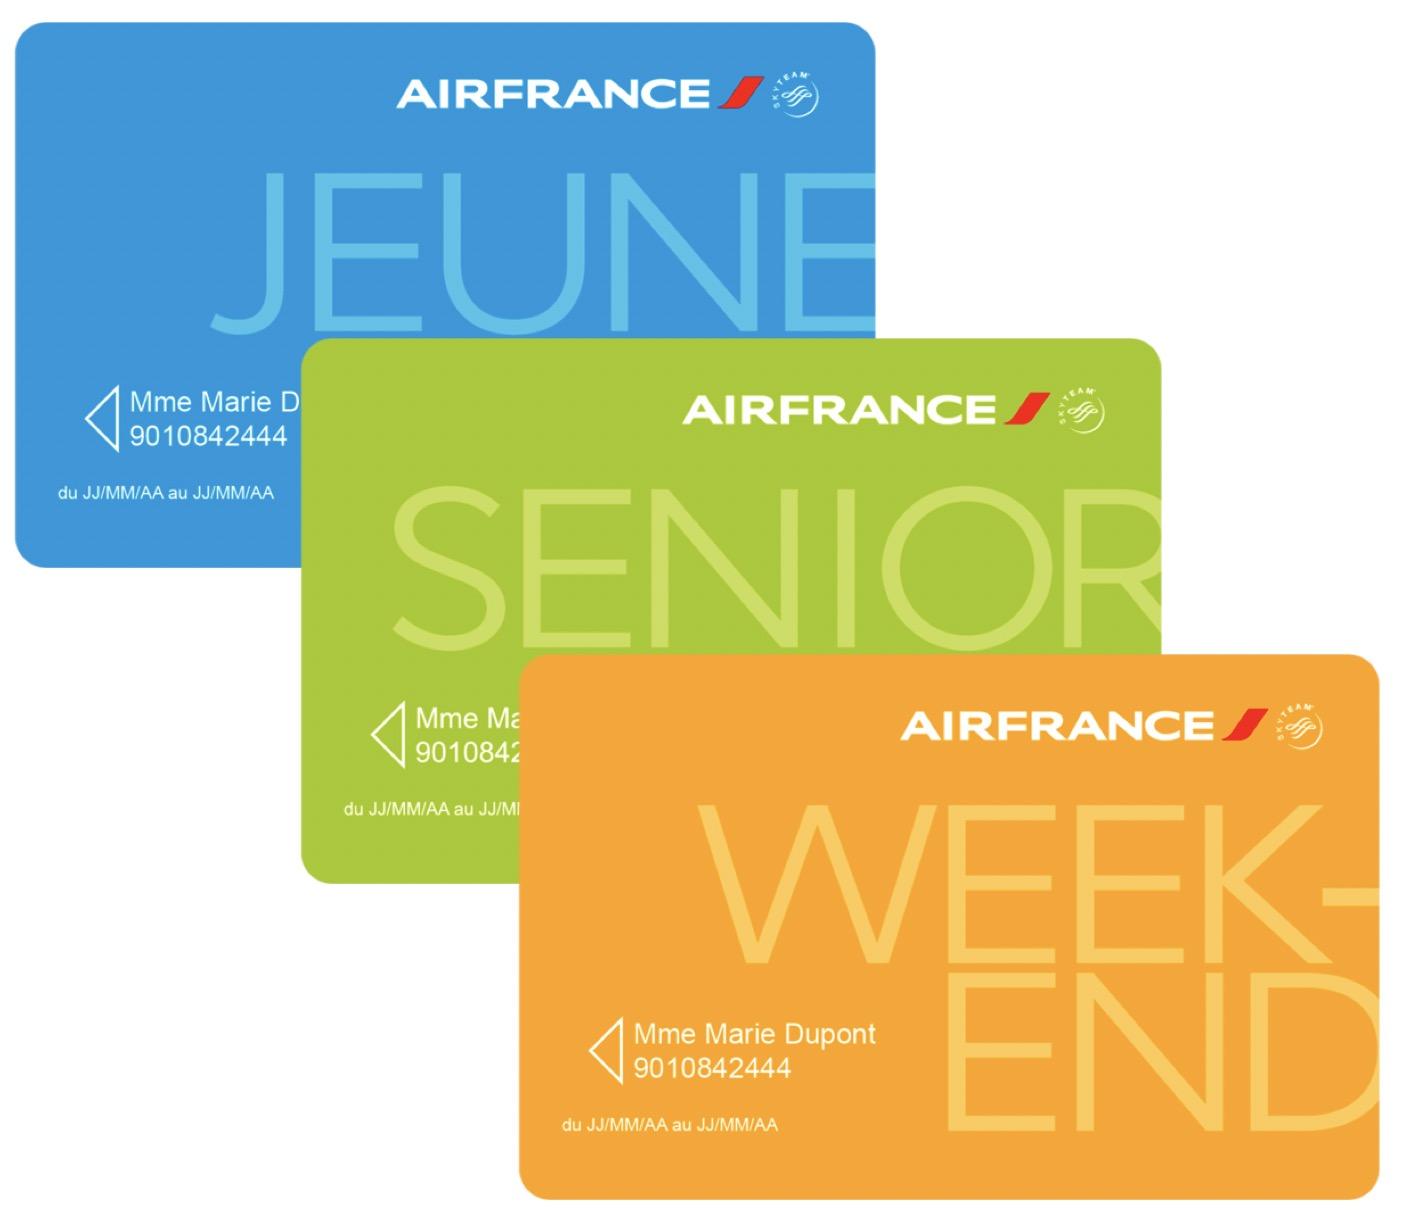 Code promo Air France : Cartes de réduction Air France Jeune, Senior ou Week-end à 29€